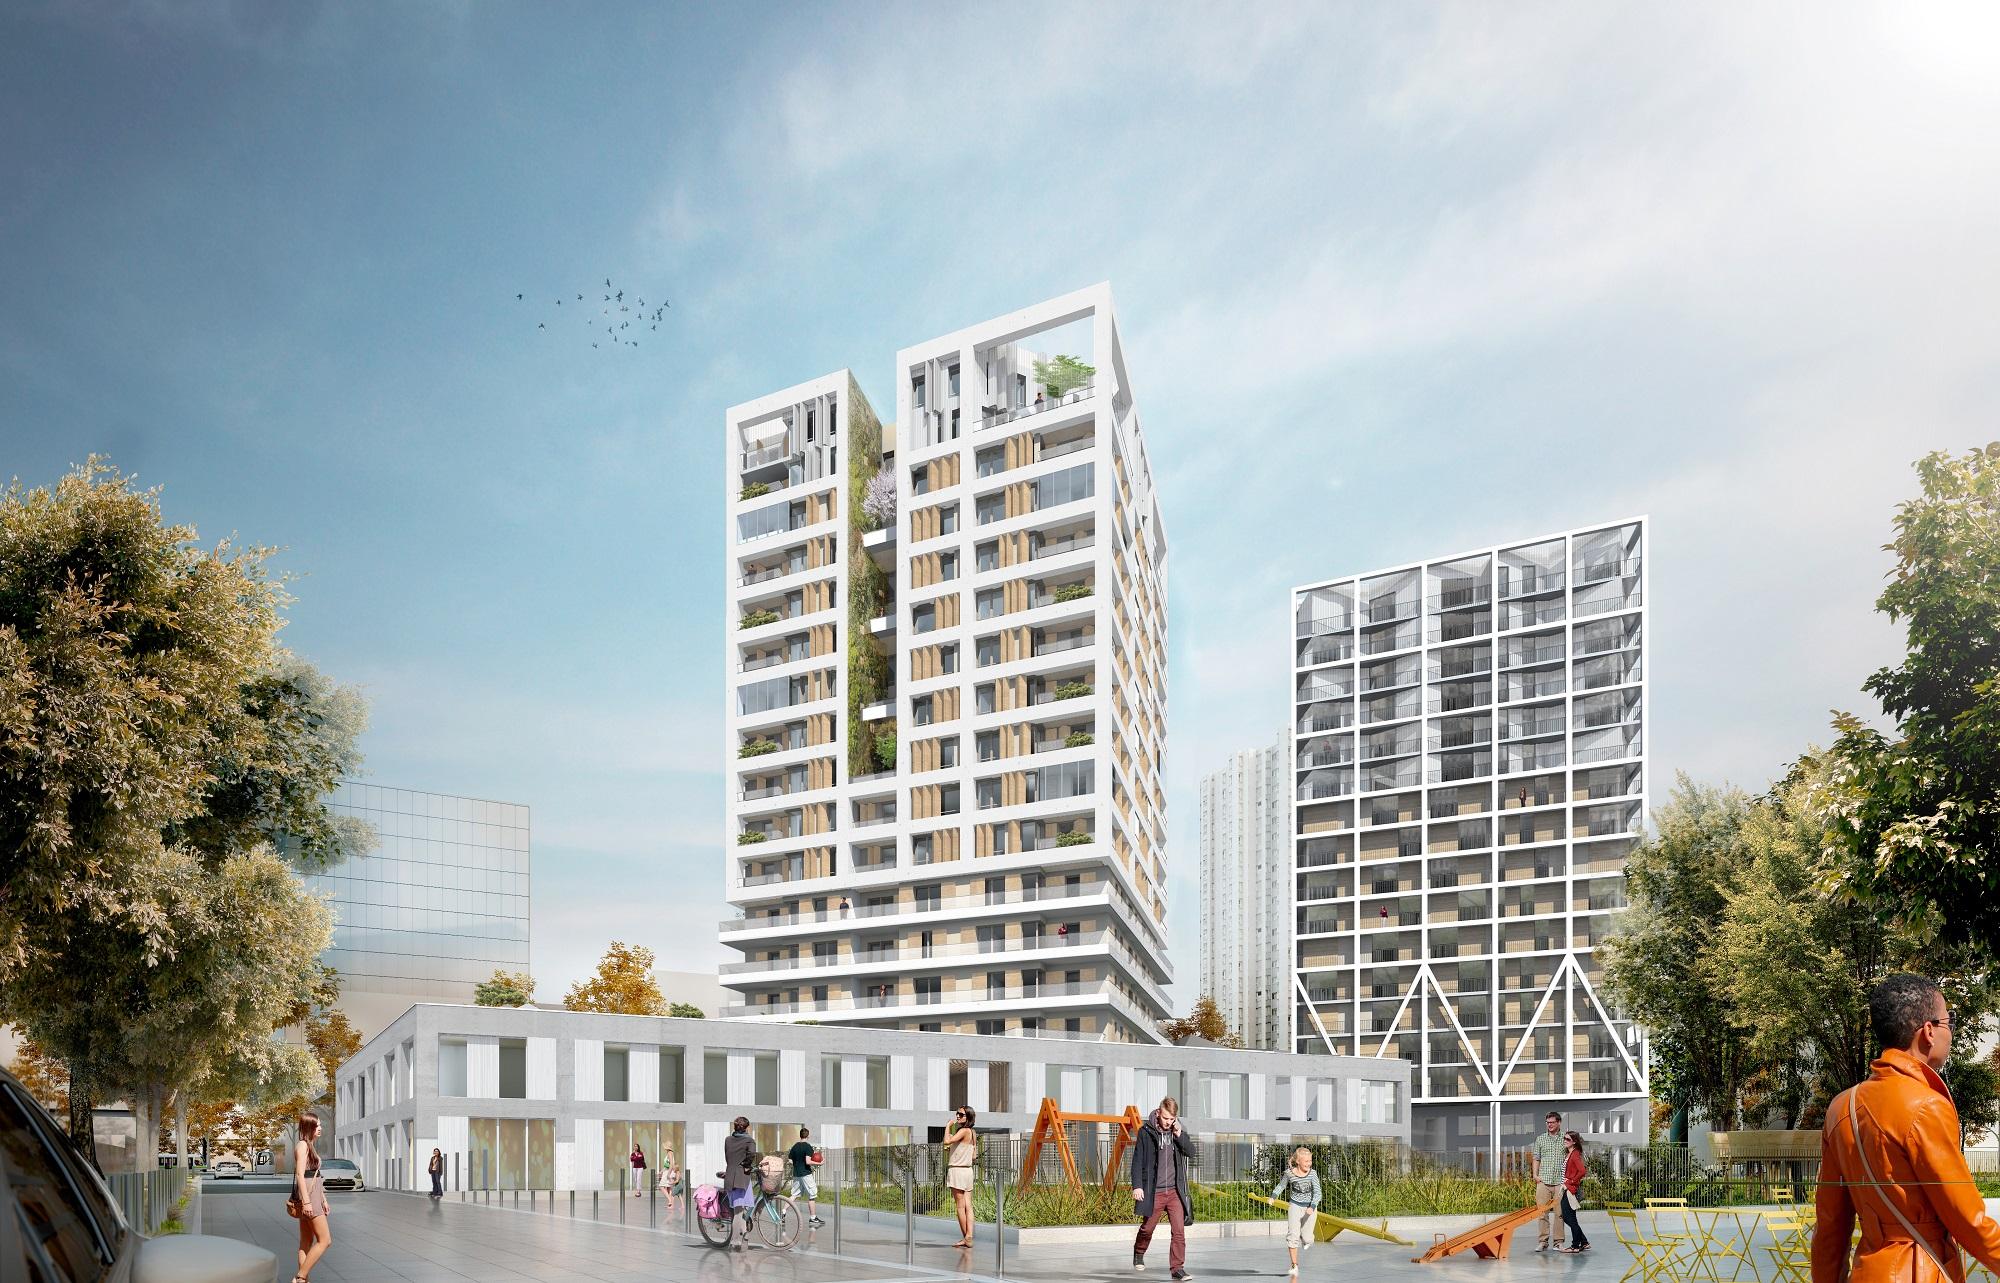 Une Référence immobilière, bientôt dans le nord parisien